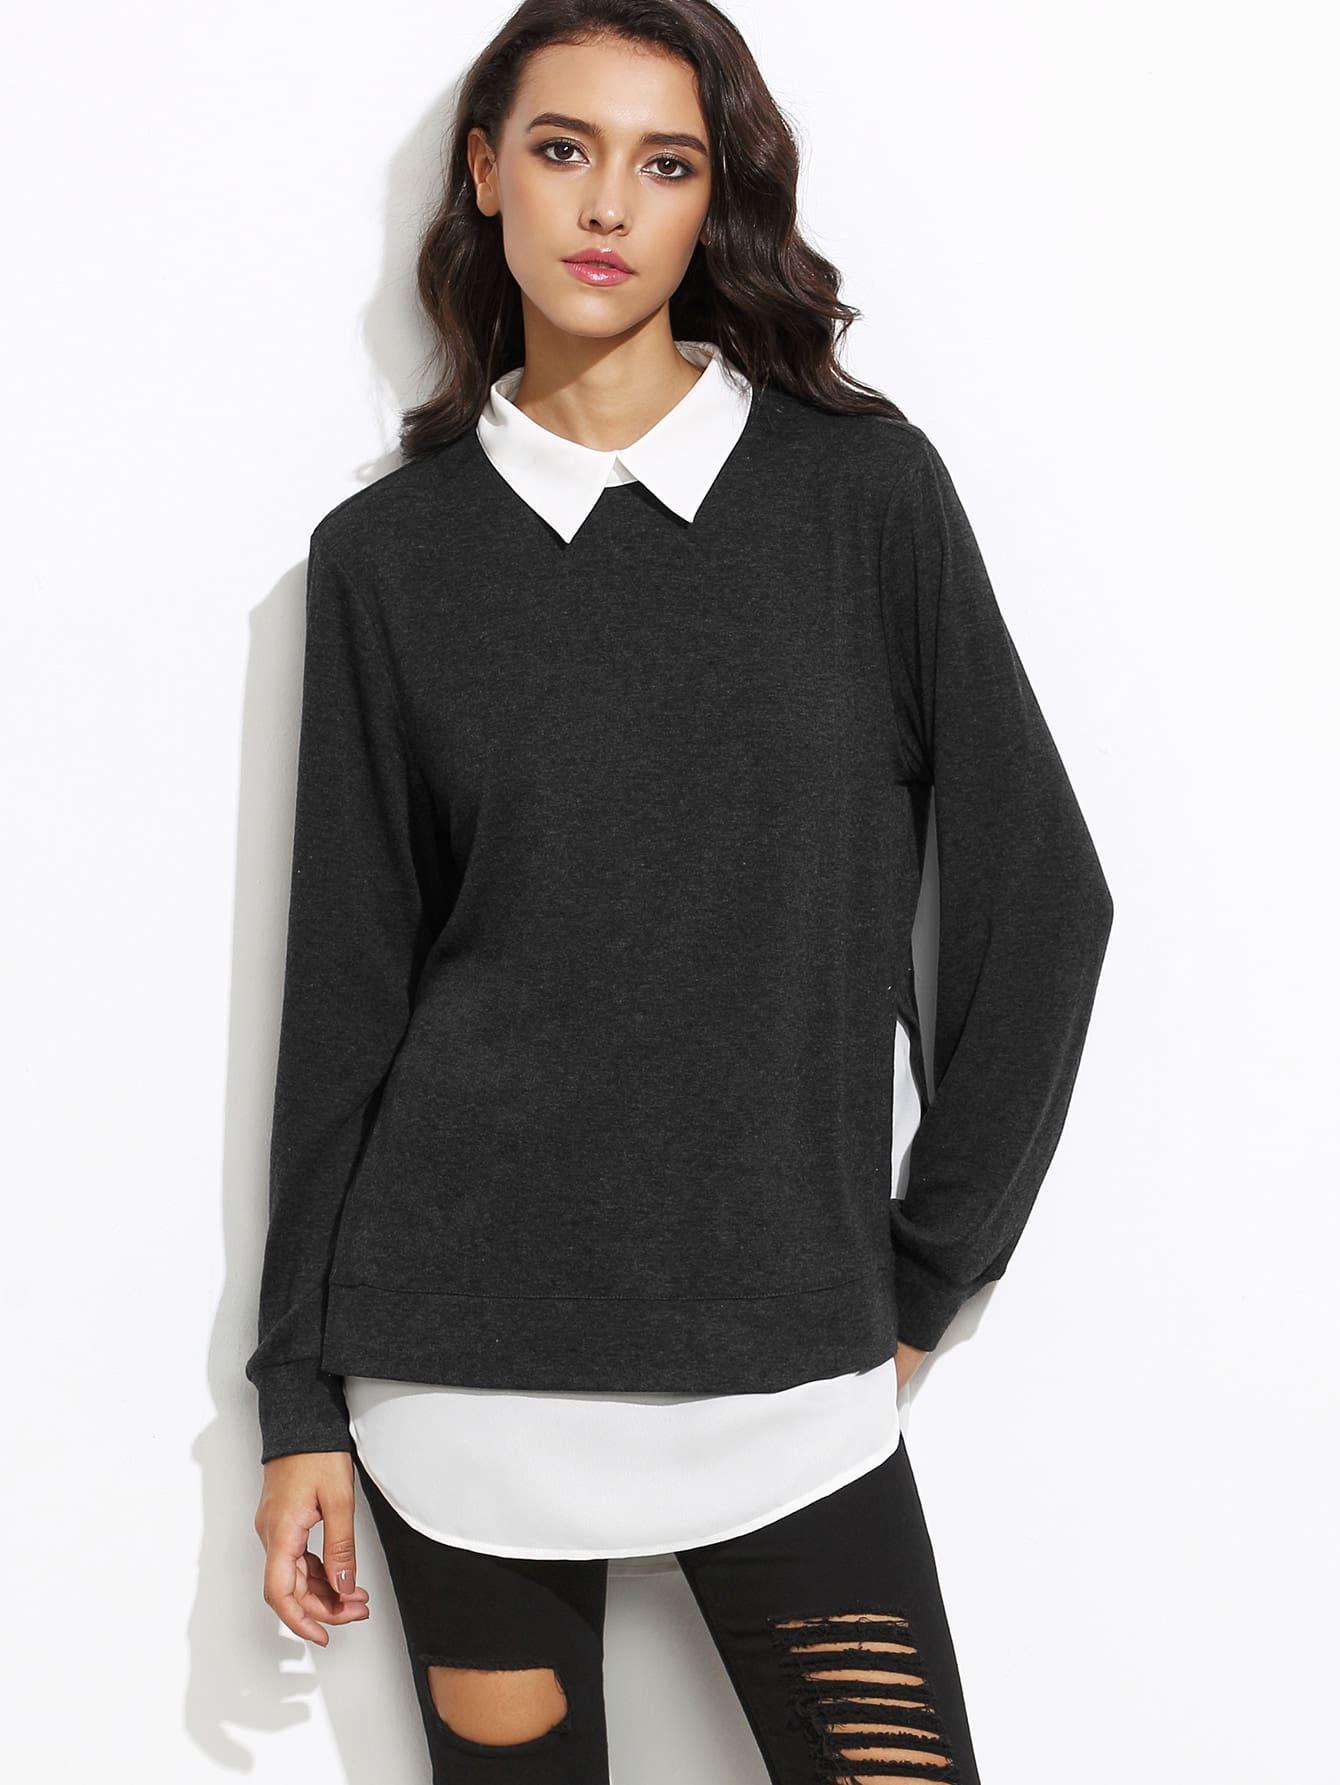 sweatshirt160816701_2